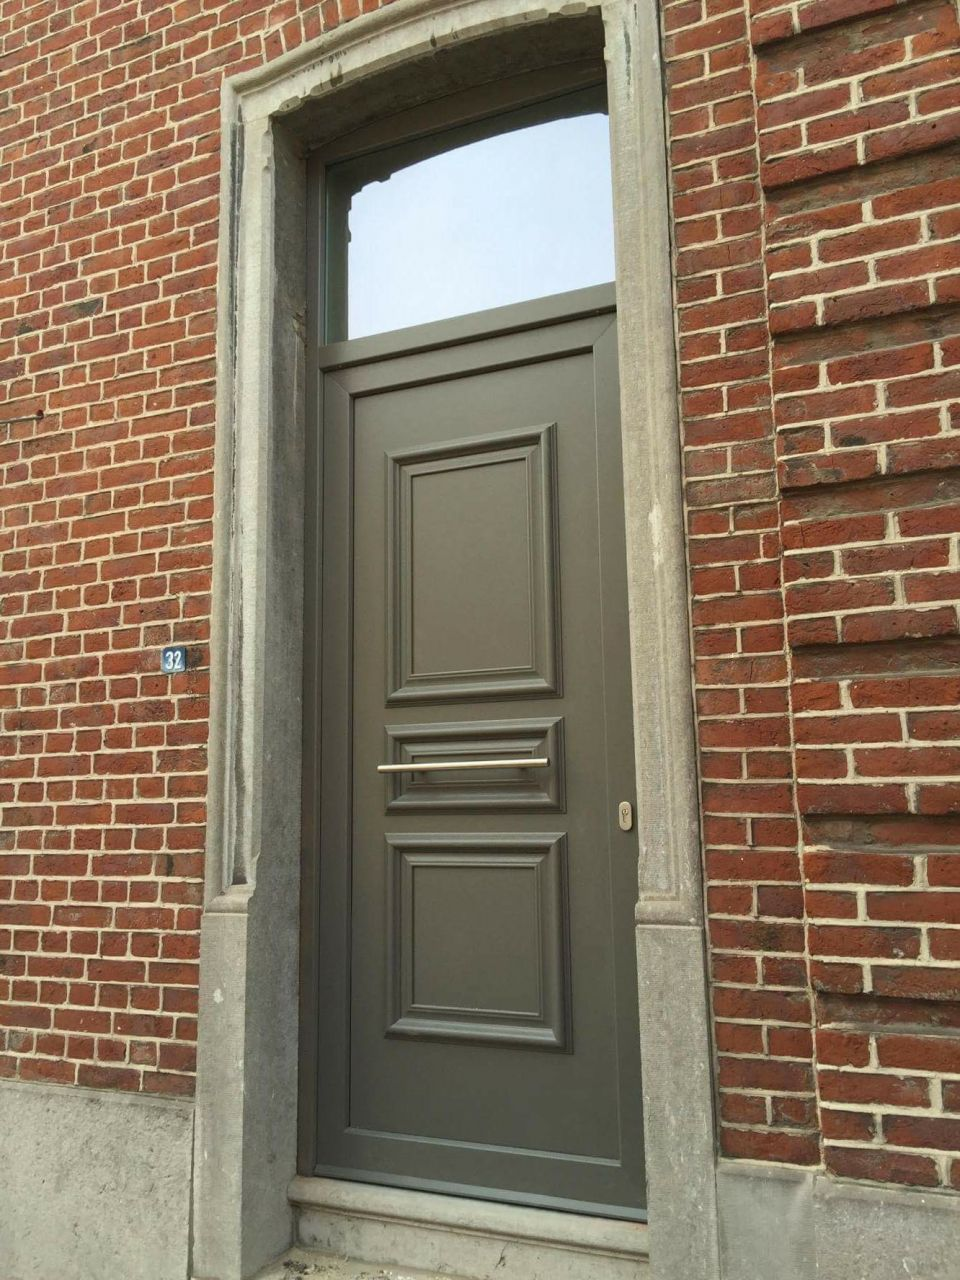 Photo nouveaux ch ssis gris quartz ral 7039 ext rieur for Porte interieur gris